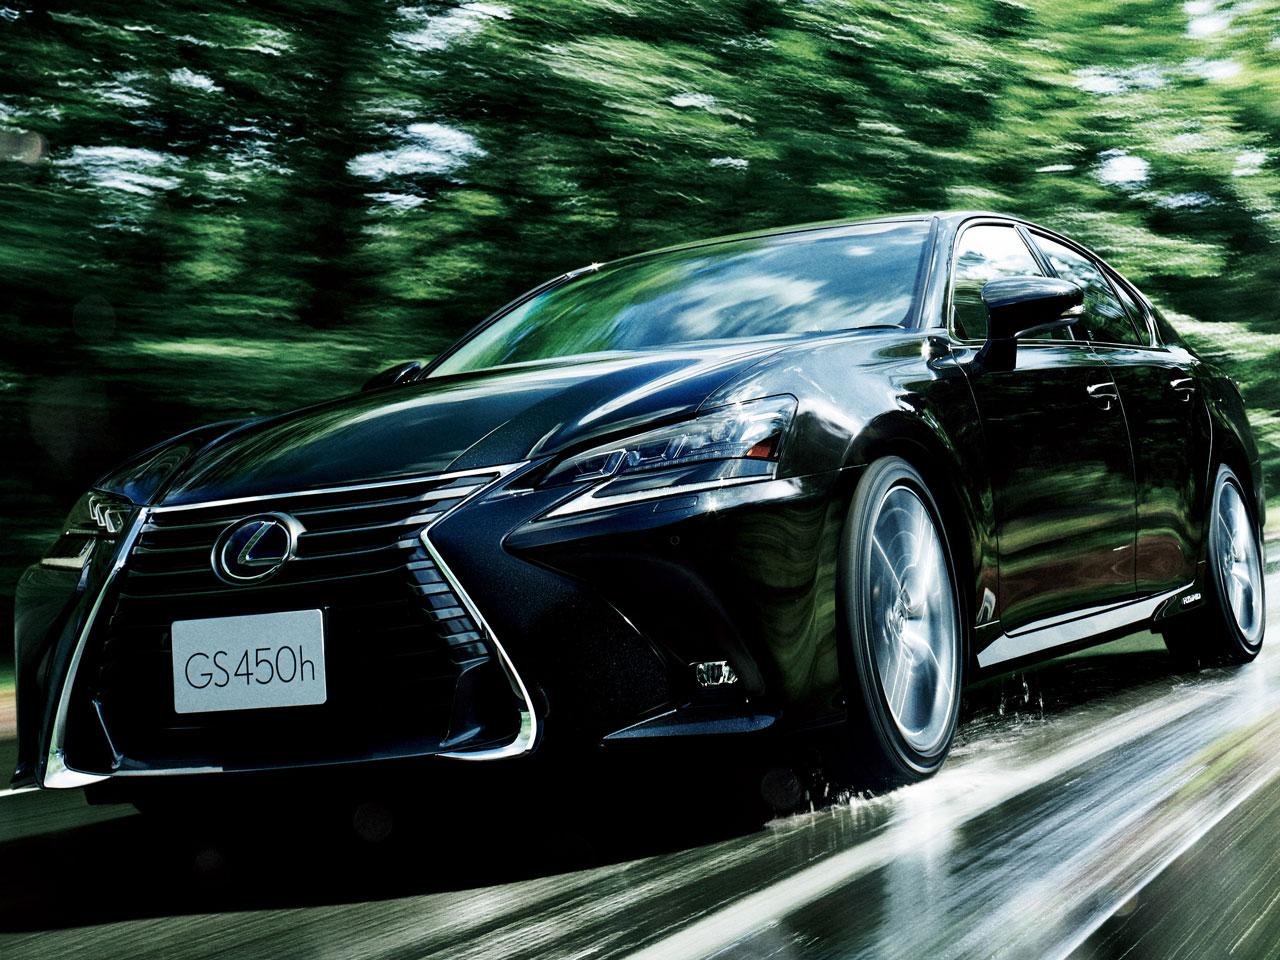 レクサス GS ハイブリッド 2012年モデル 新車画像